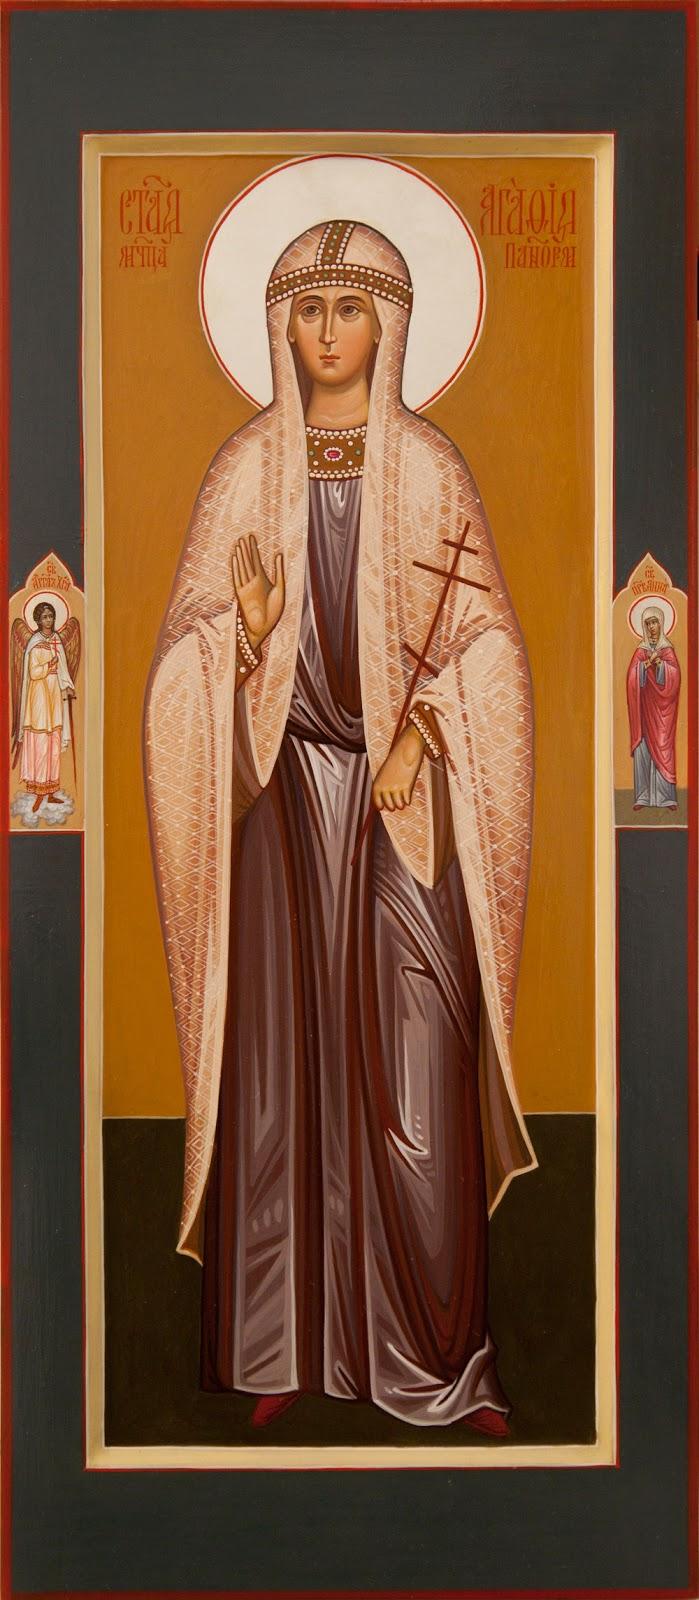 Saint Agathi of Sicily